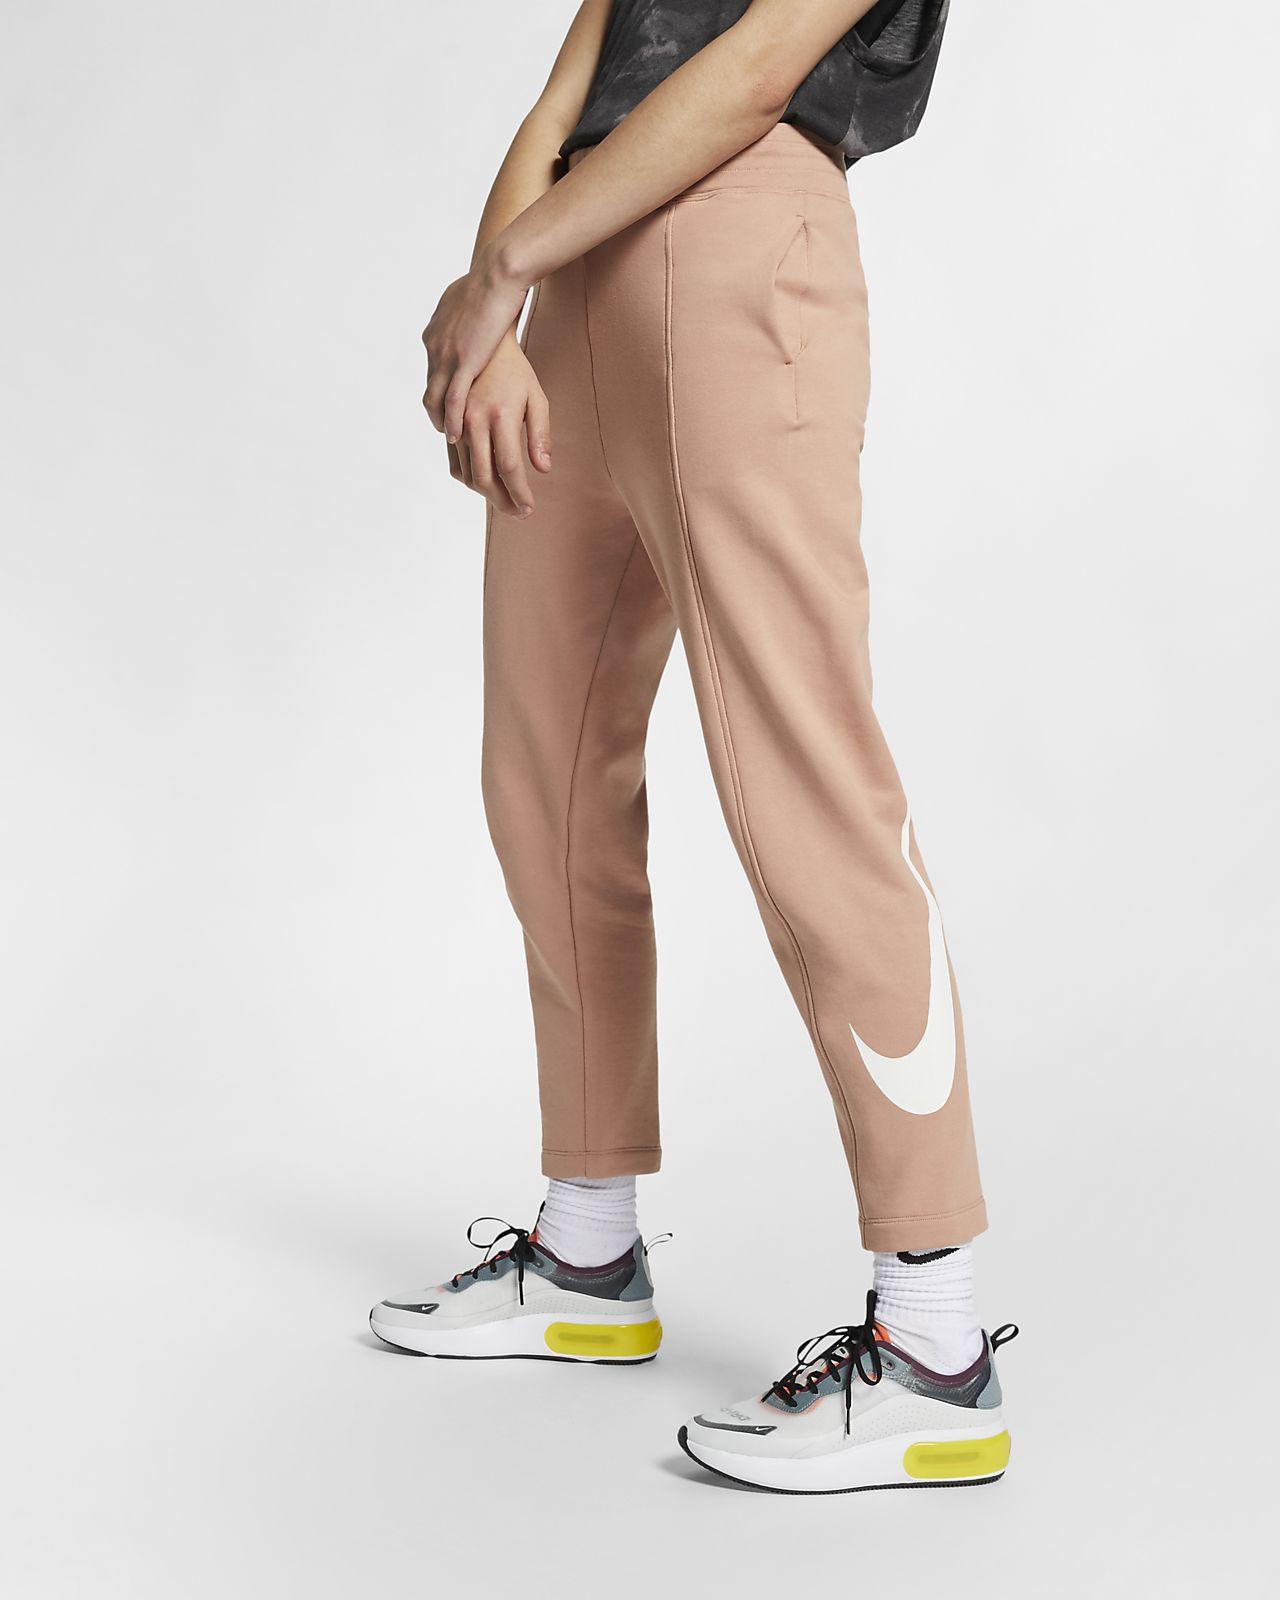 Nike Sportswear Swoosh Fransız Havlu Kumaşı Eşofman Altı